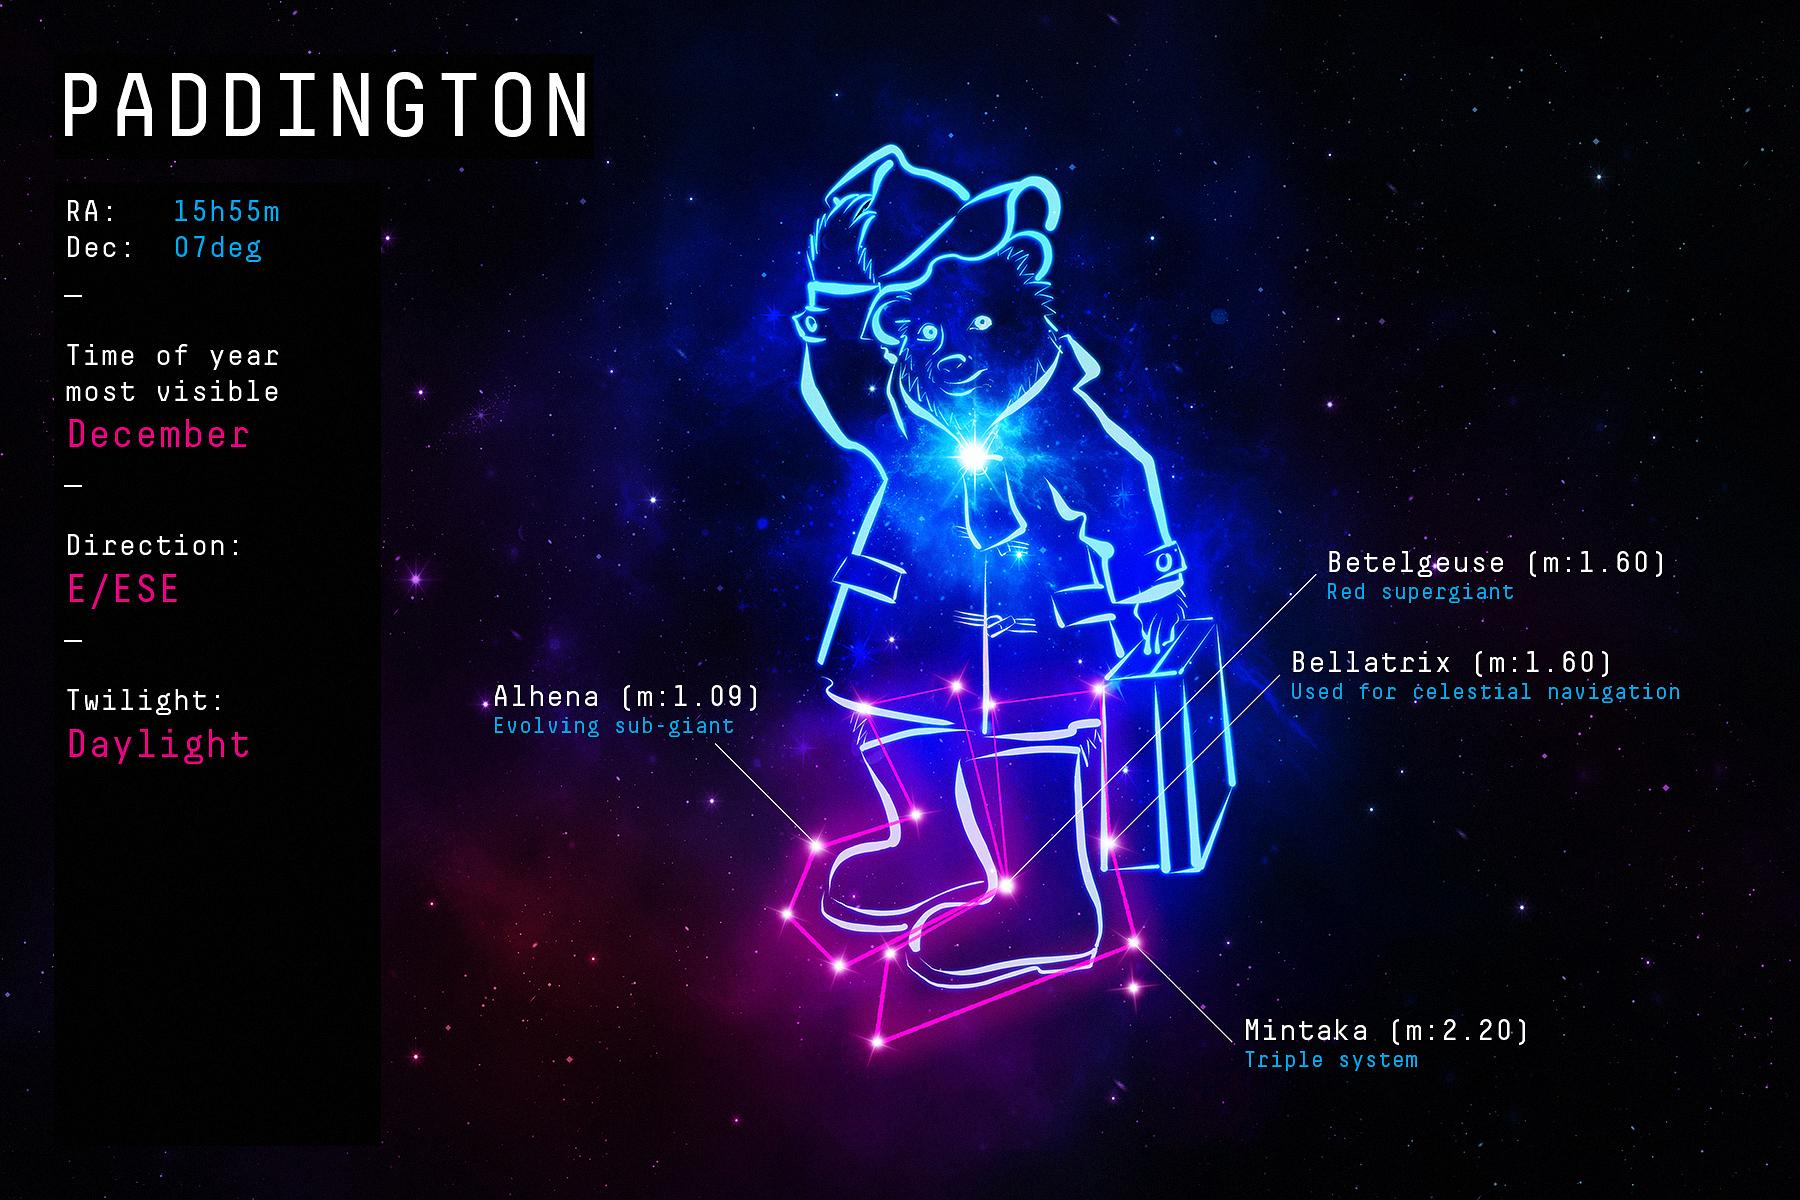 Une constellation Harry Potter pour pousser les jeunes à observer le ciel